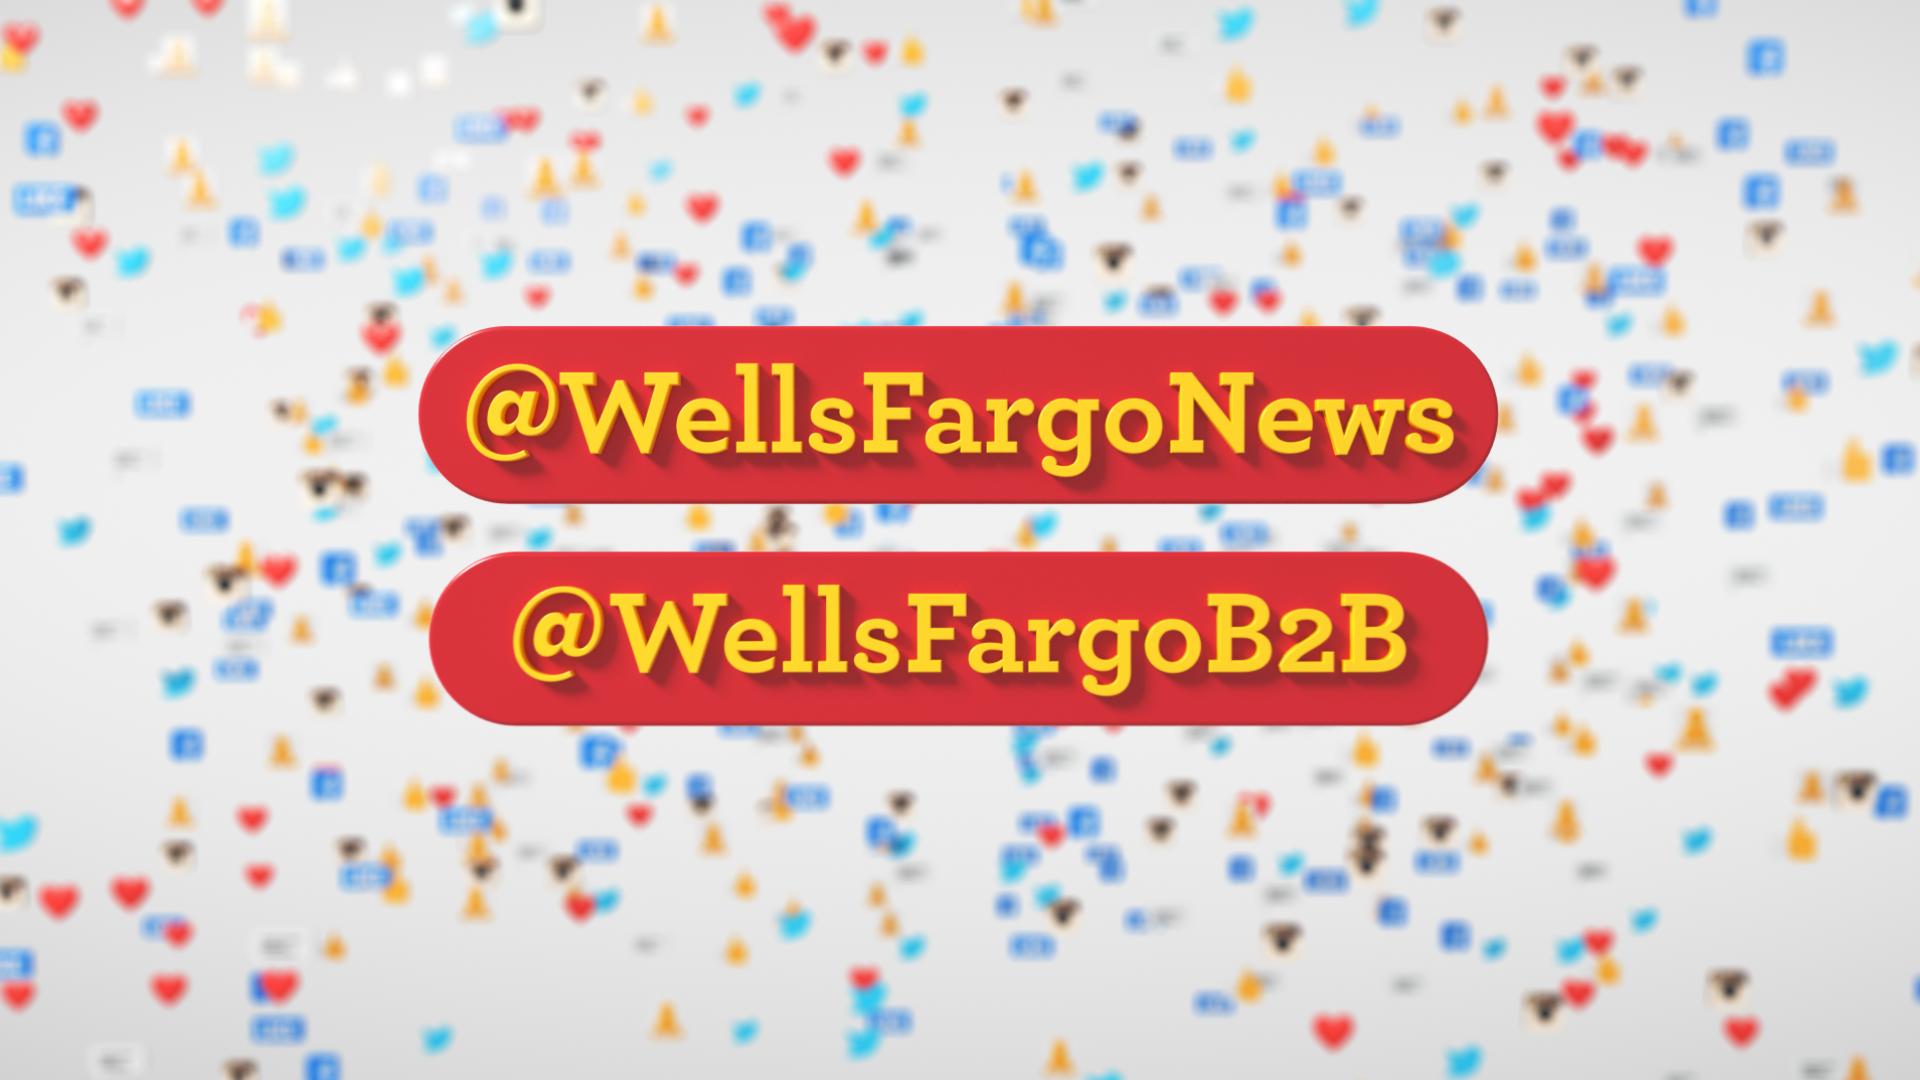 Wells Fargo 2015 Review_00164.png